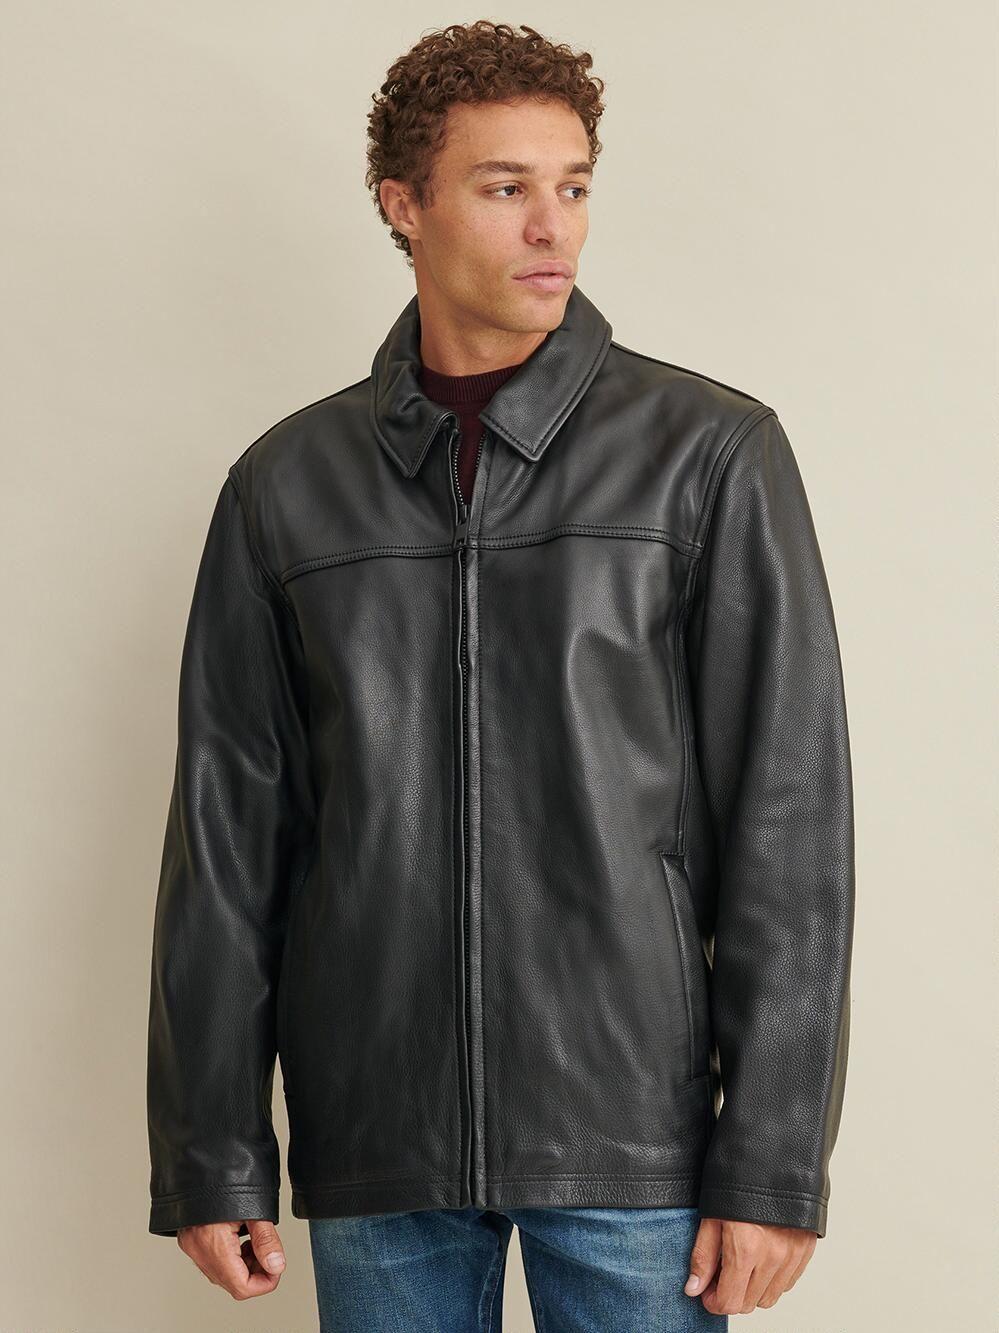 Wilsons Leather Men S Women S Leather Jackets Handbags More In 2021 Leather Jacket Leather Jackets Women Jackets [ 1333 x 999 Pixel ]